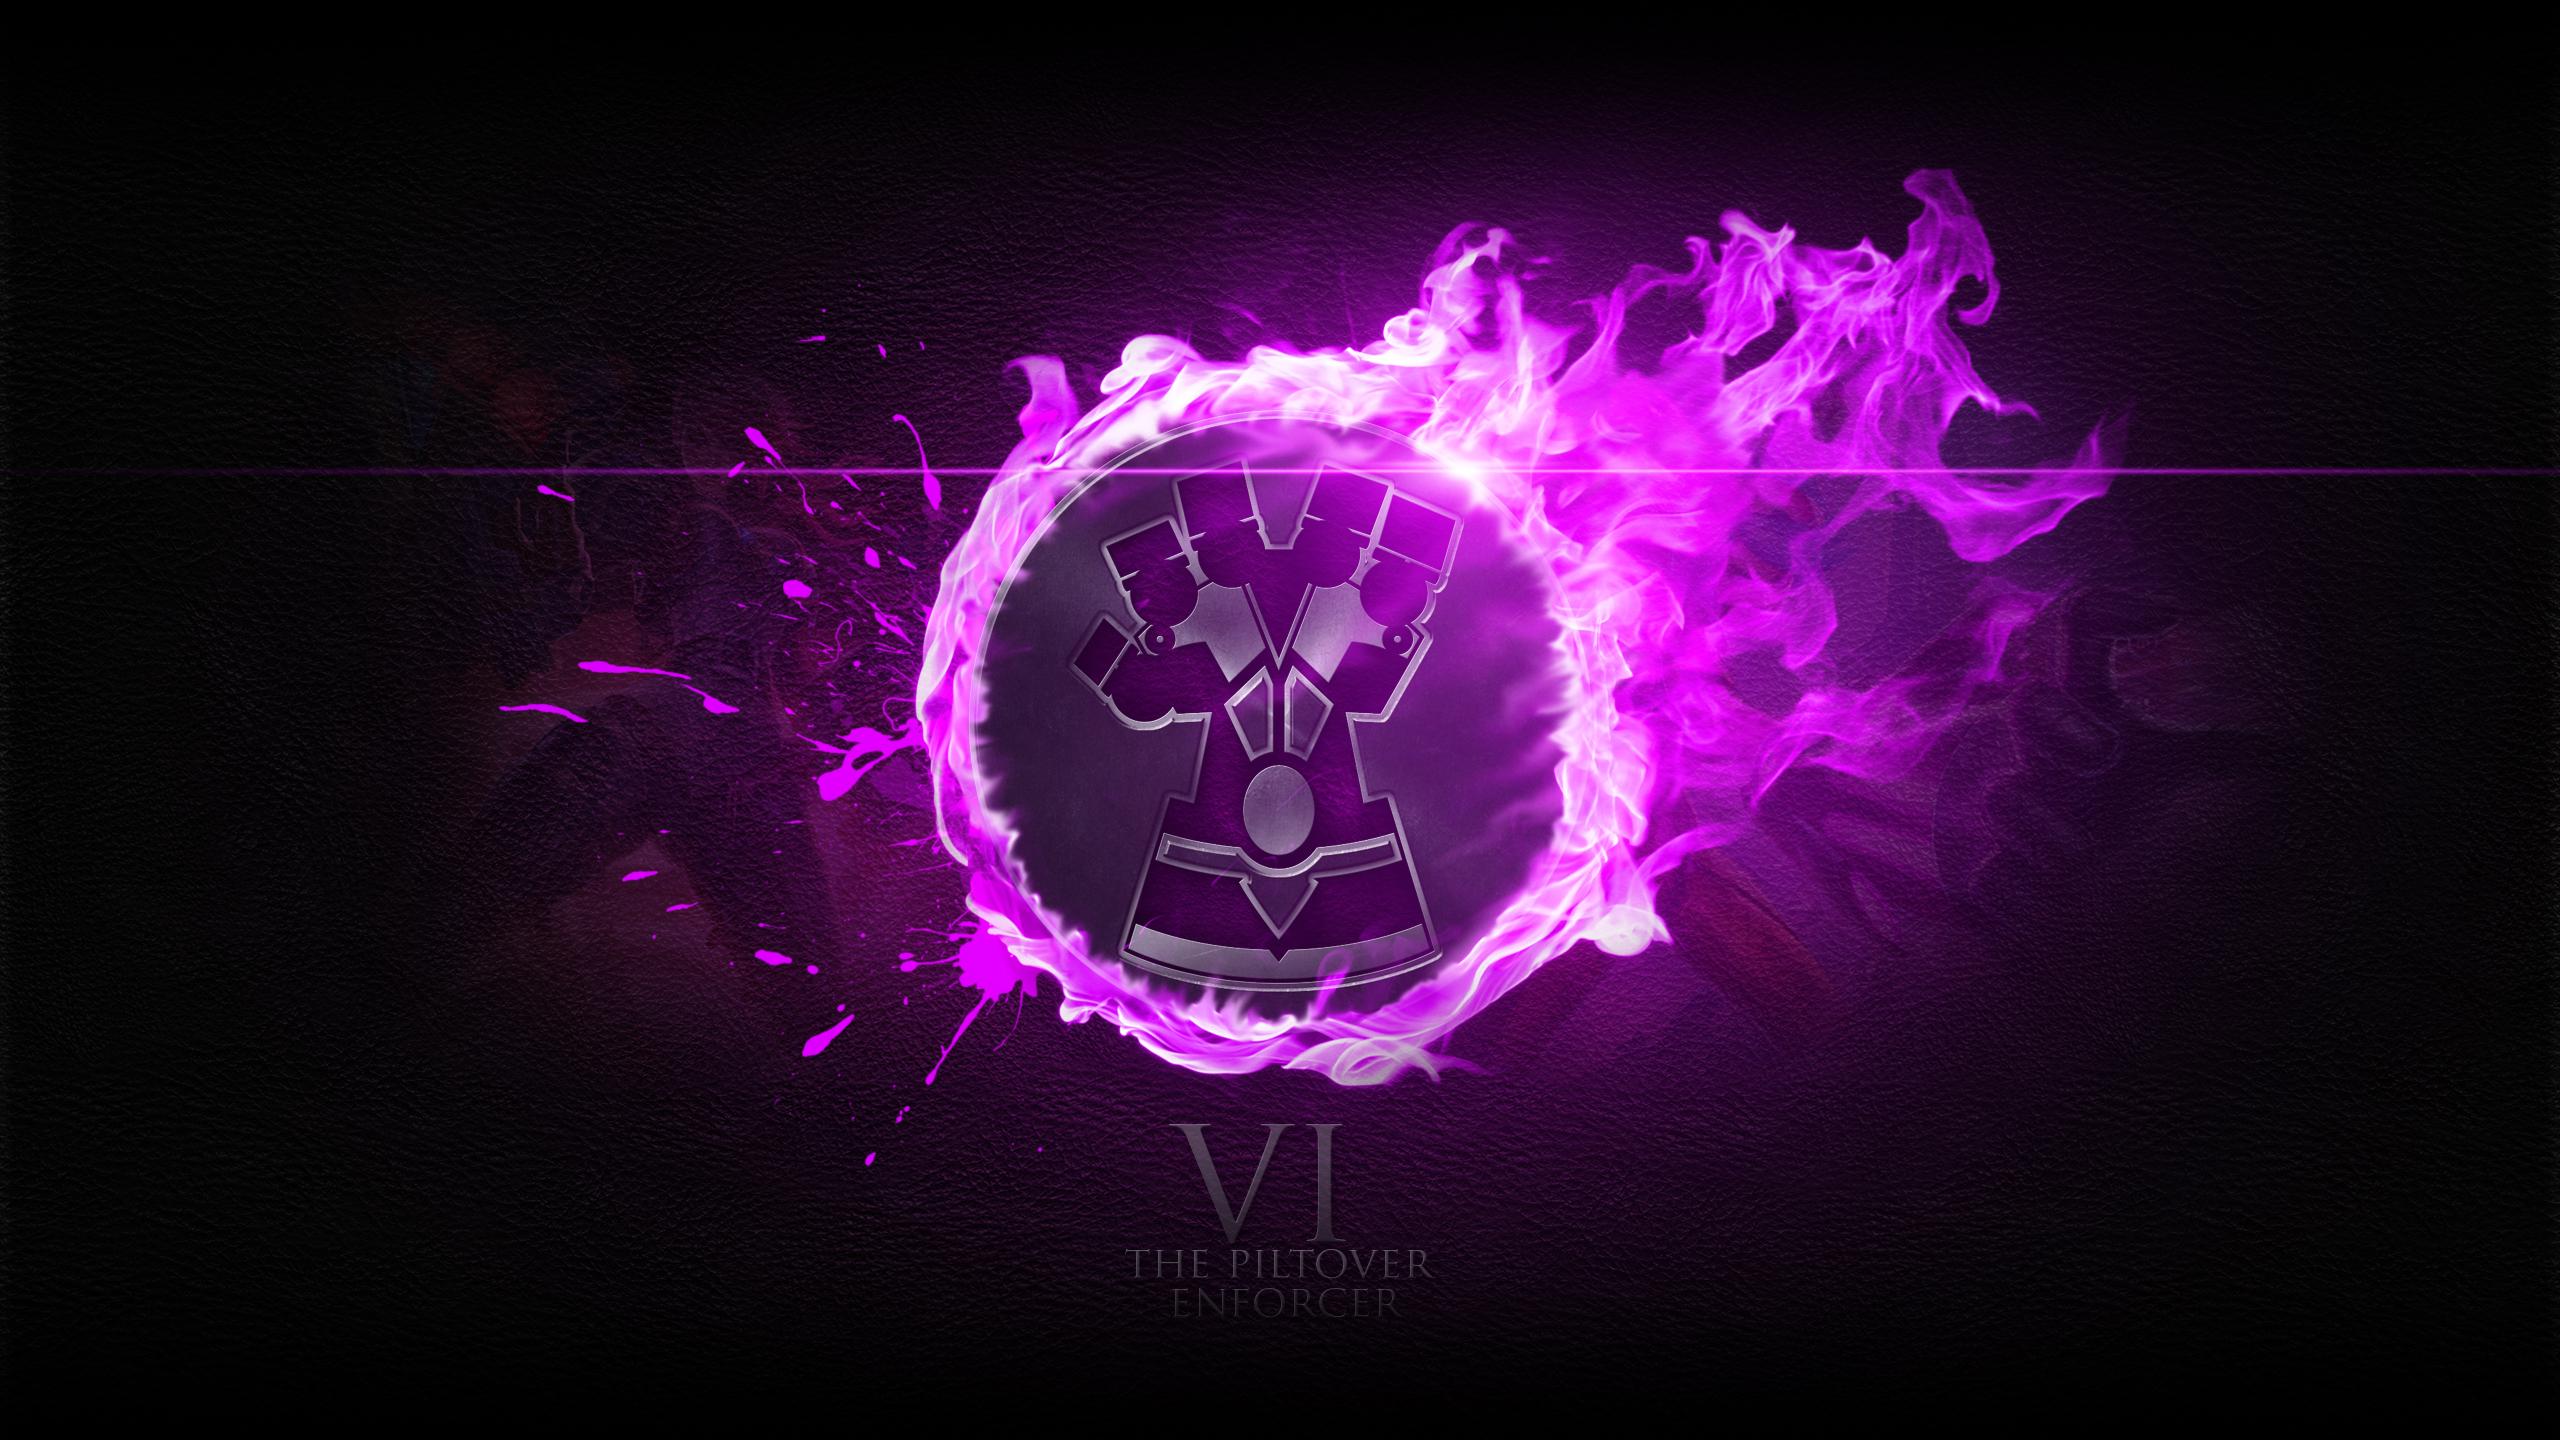 Vi wallpaper